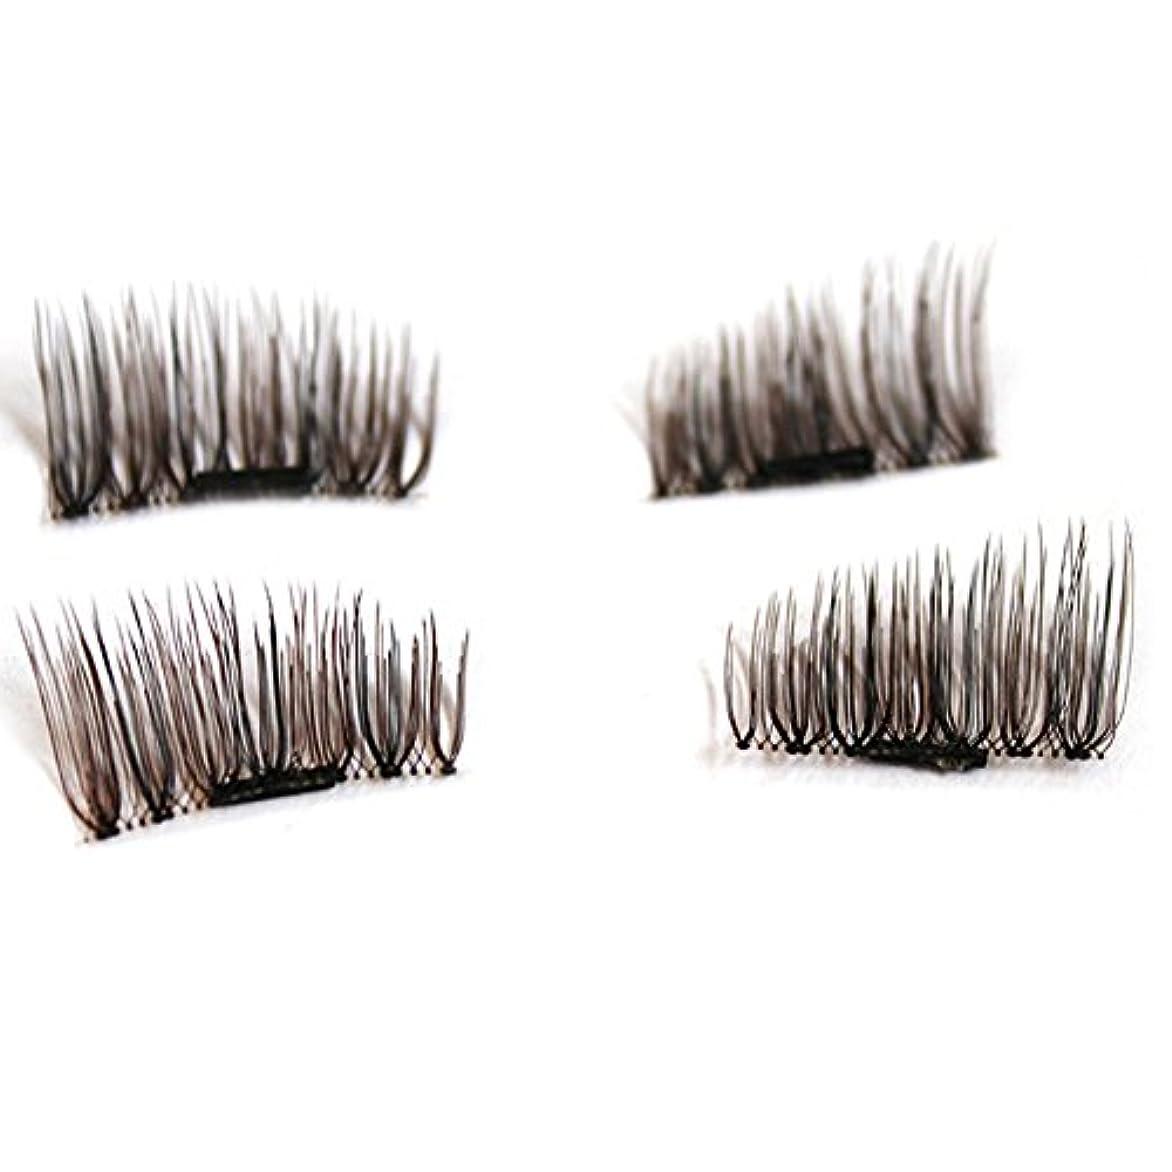 女優しっとりCozyrom 2ペアセット つけまつげ 磁気 3D マグネット 付け睫毛 長い 再利用可能 濃密 簡単に装着 手作り